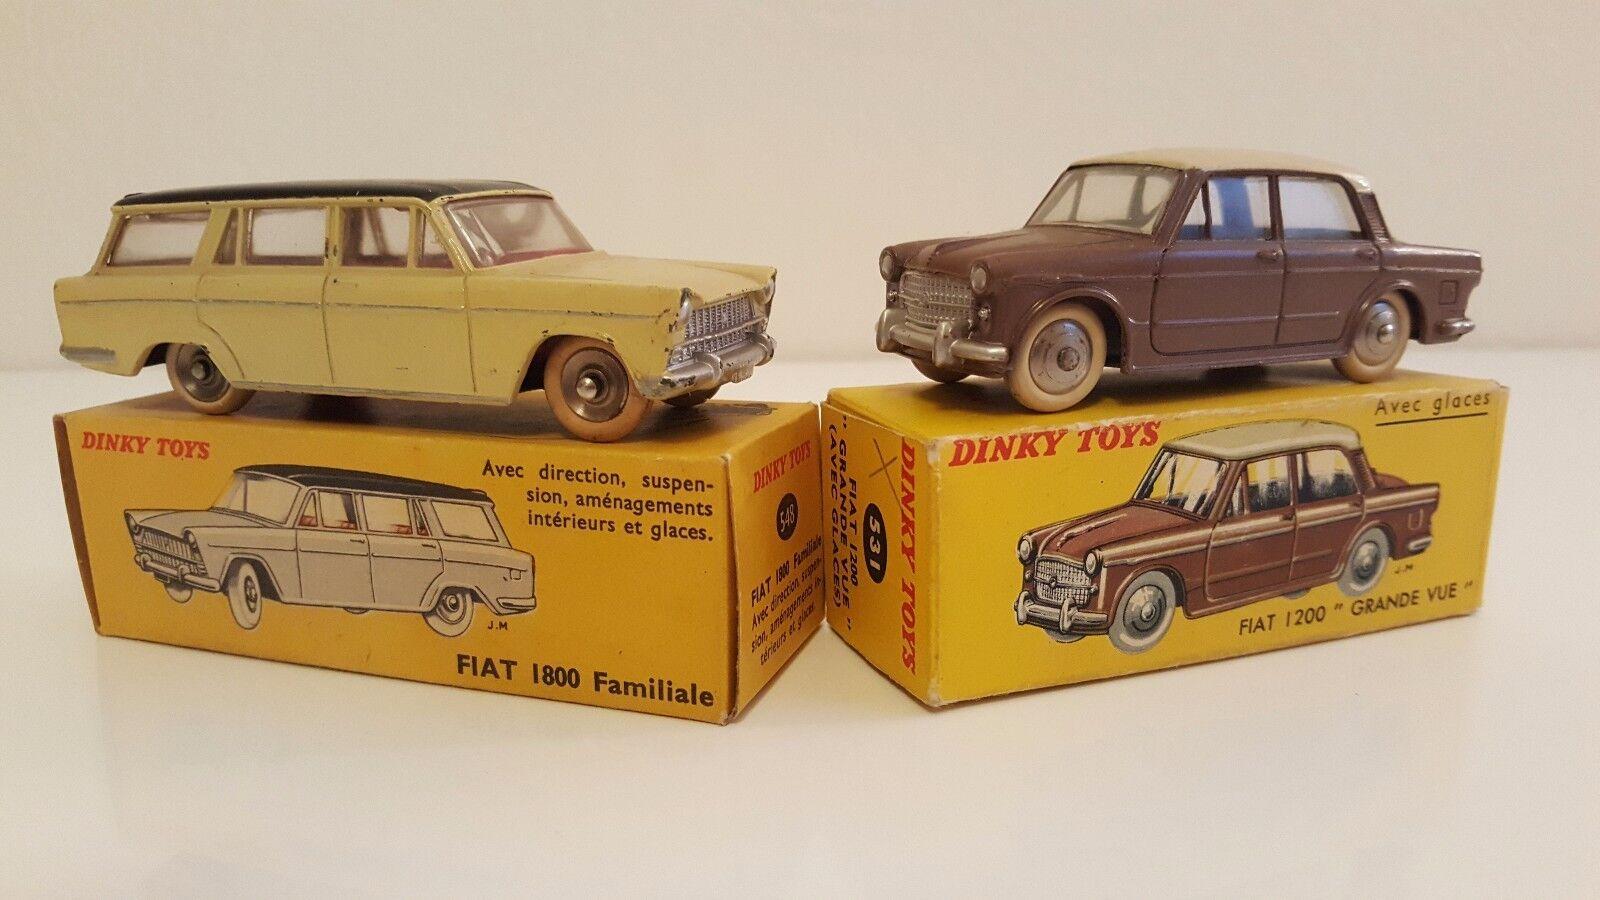 Dinky Toys 531 & 548 548 - Fiat 1200 Grande Vue & 1800 Familiale en boîte d'origine